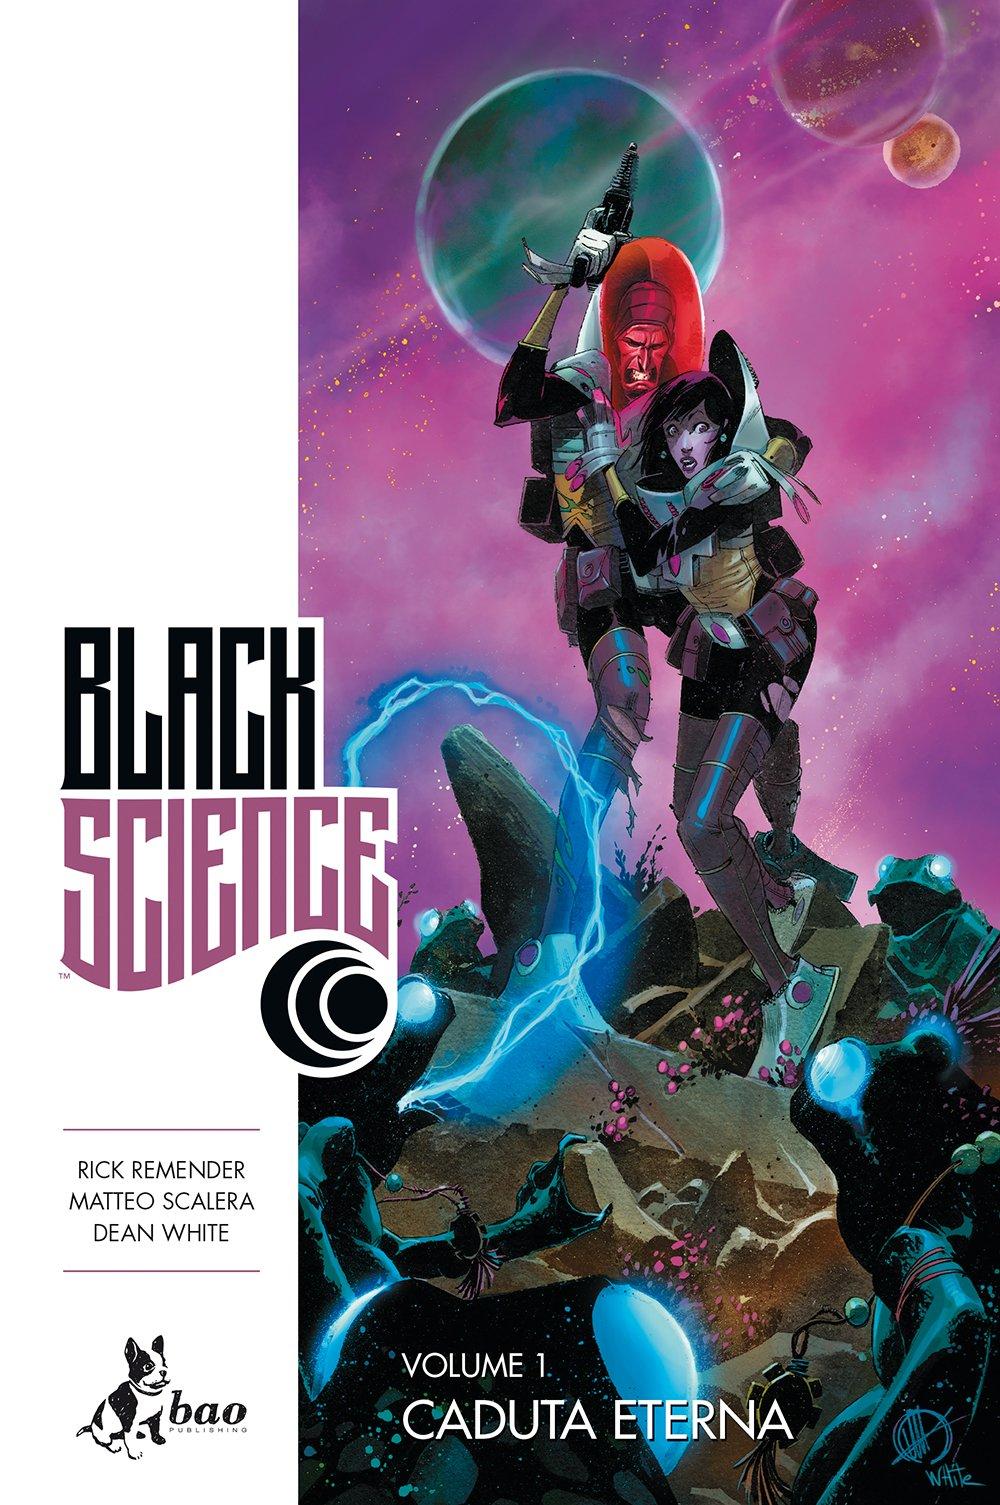 Caduta eterna. Black science: 1 Copertina flessibile – 21 mag 2015 Rick Remender Matteo Scalera Dean White L. Favia